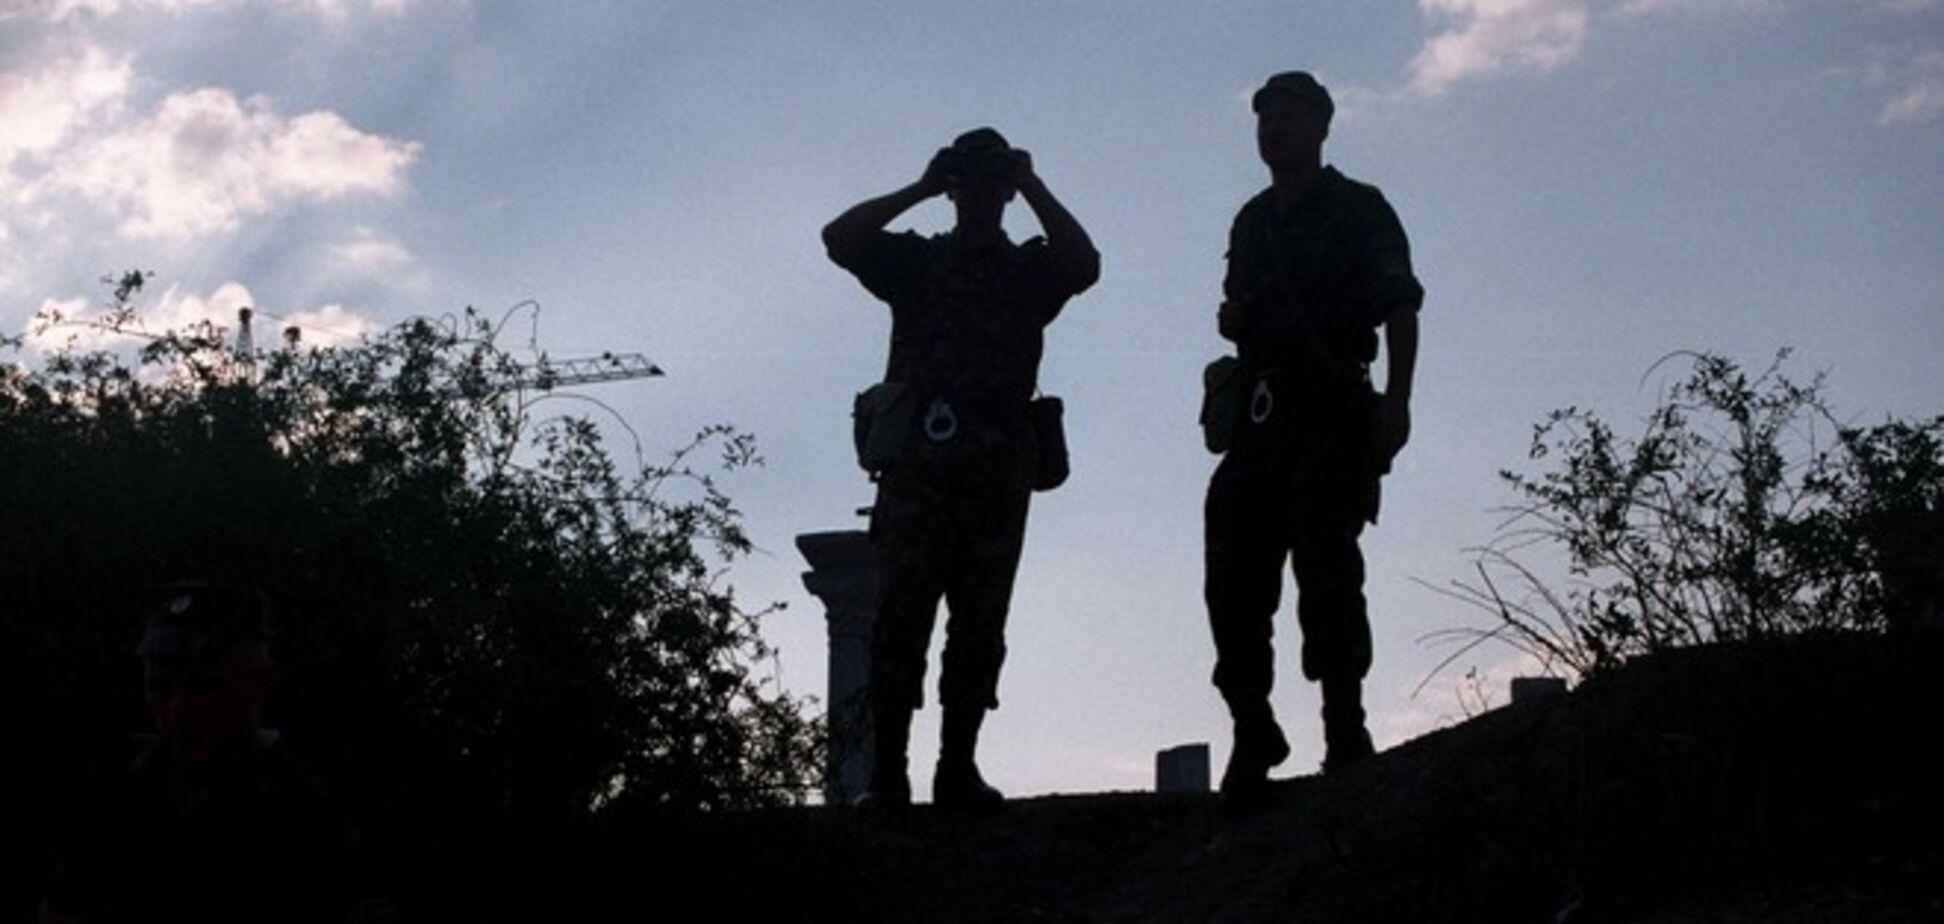 У нас каждый день столкновения с боевиками, в том числе - из РФ - глава Госпогранслужбы